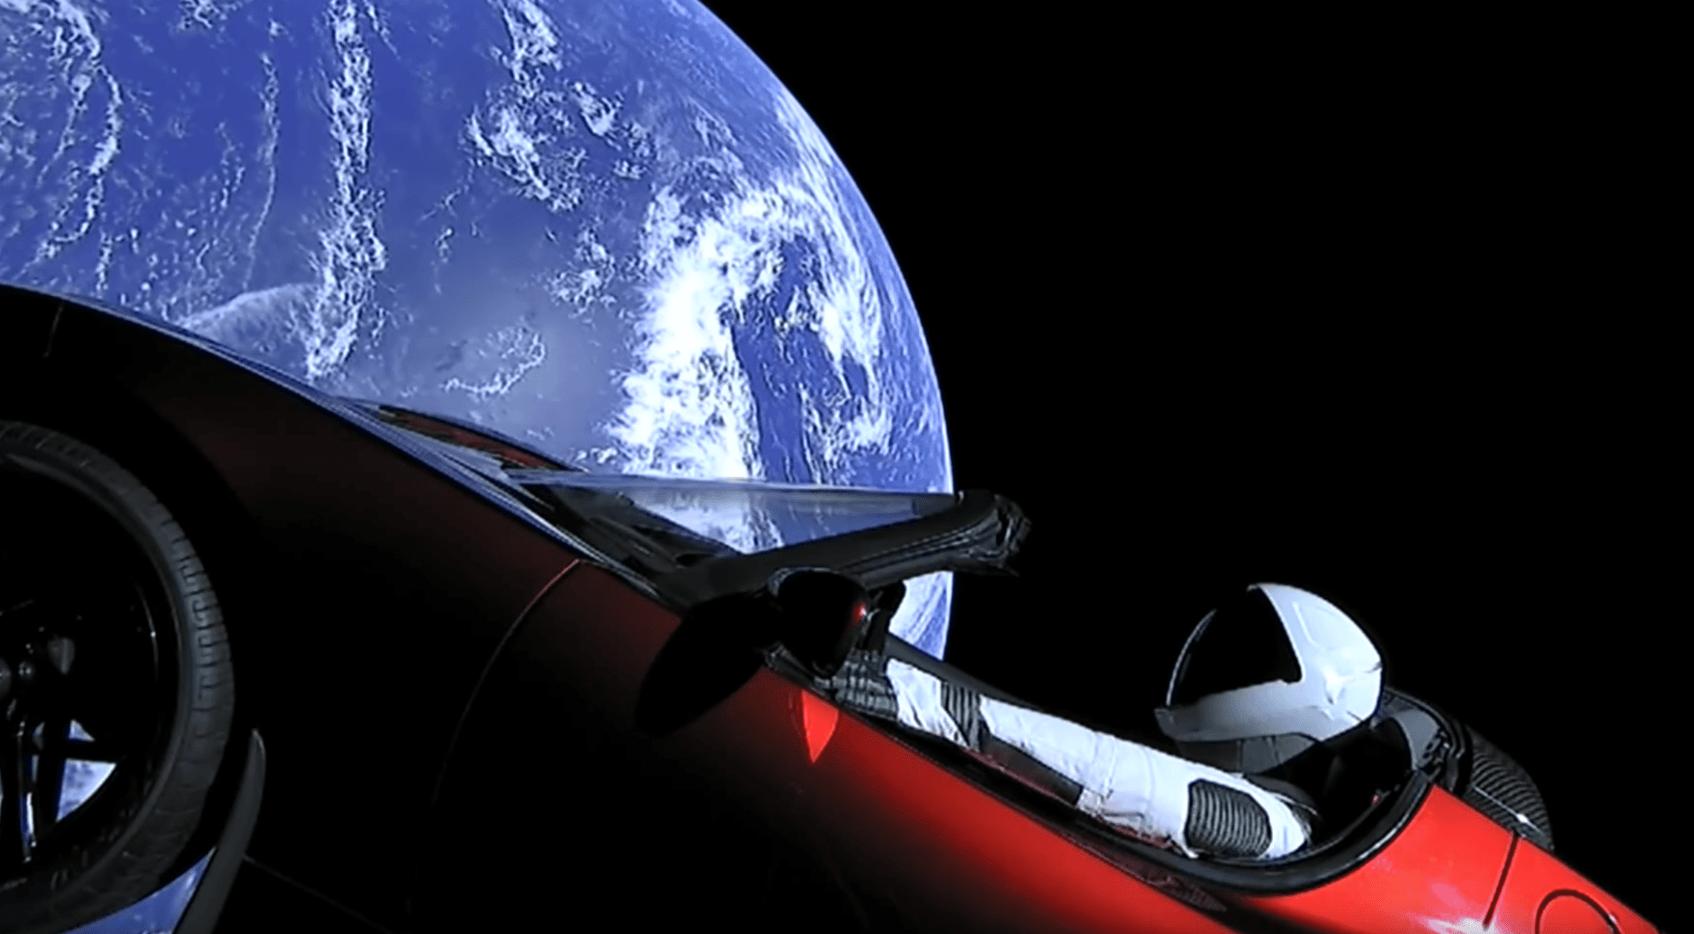 Tesla in Space Wallpapers - Top Free Tesla in Space ...